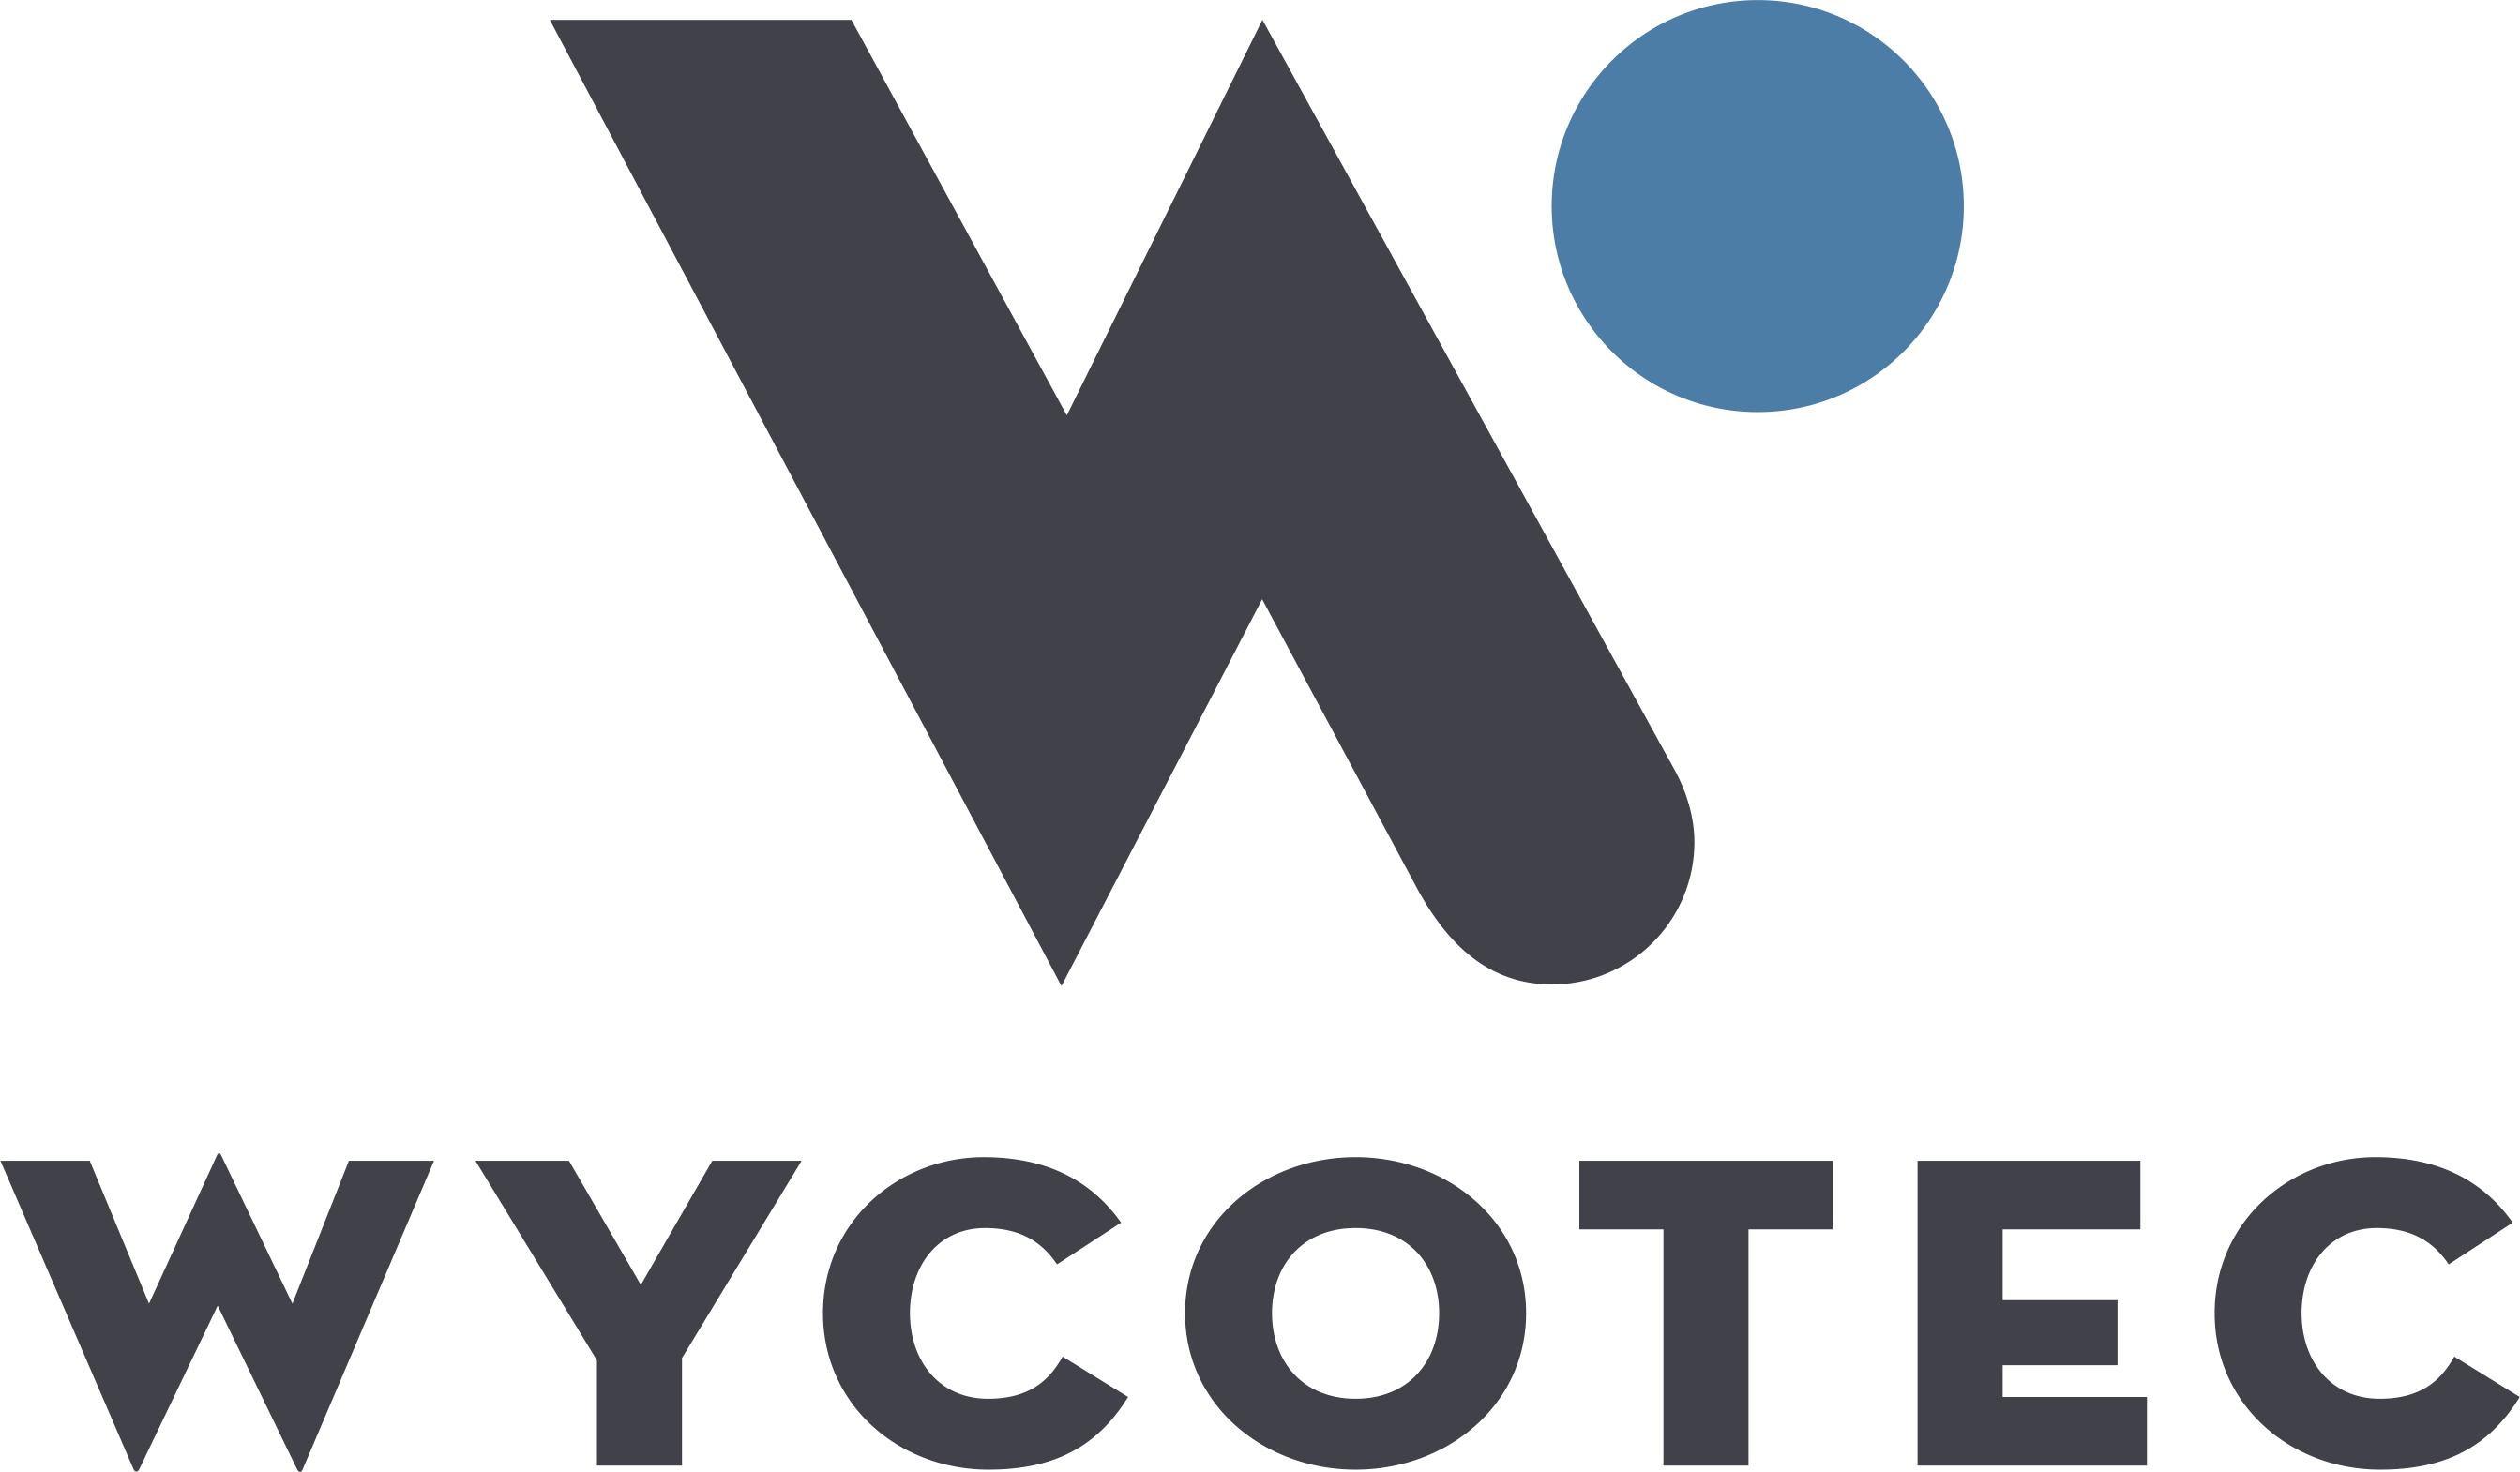 logo Wycotec